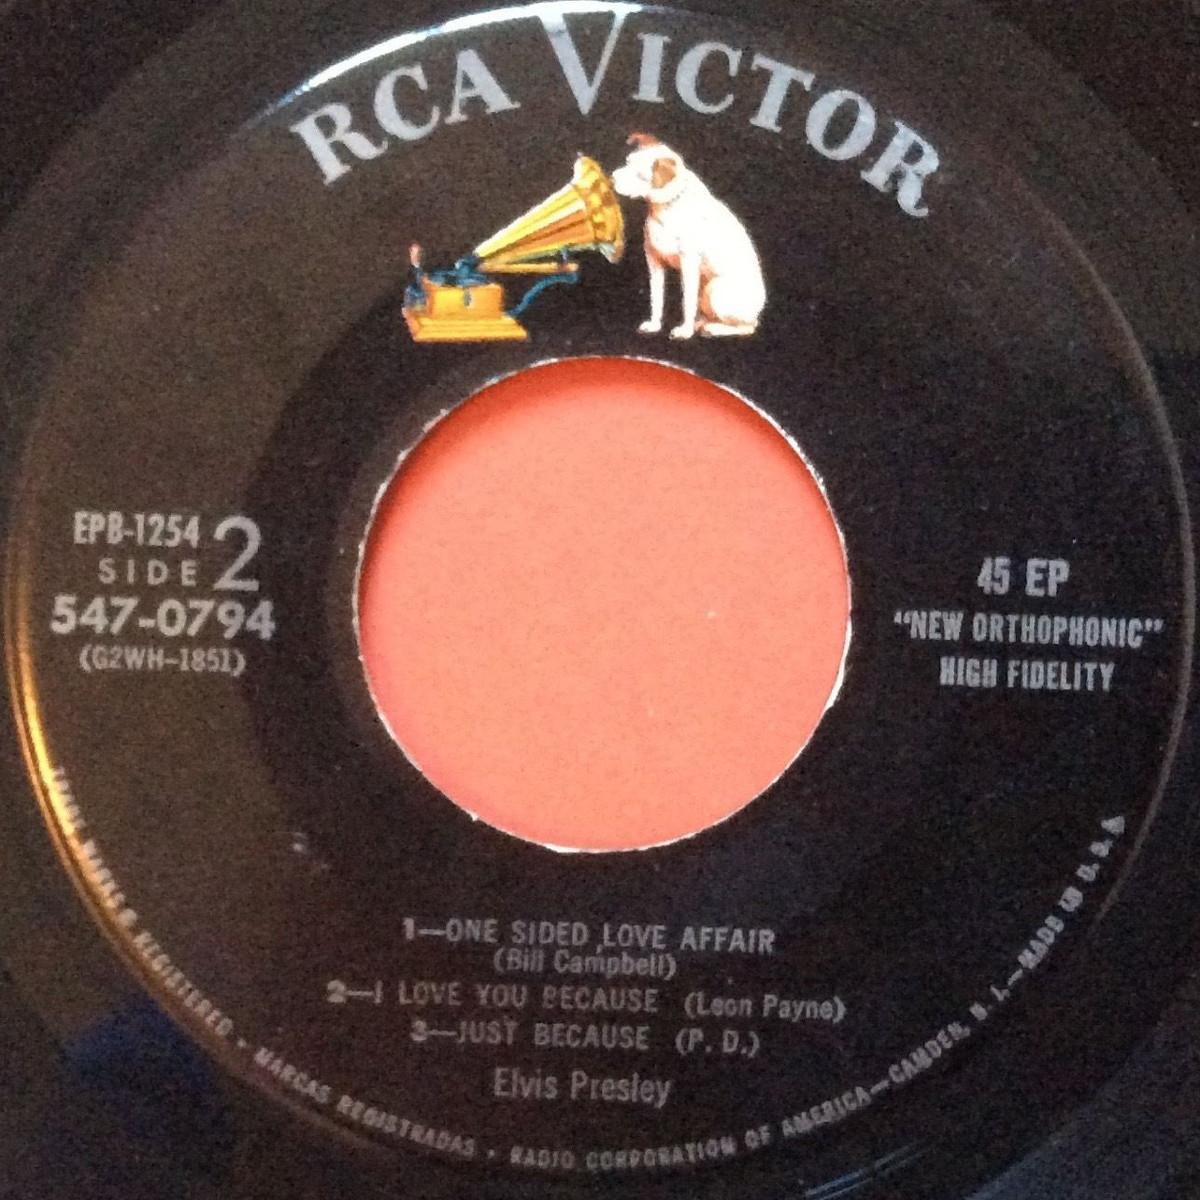 Presley - ELVIS PRESLEY Epb1254d63l5t